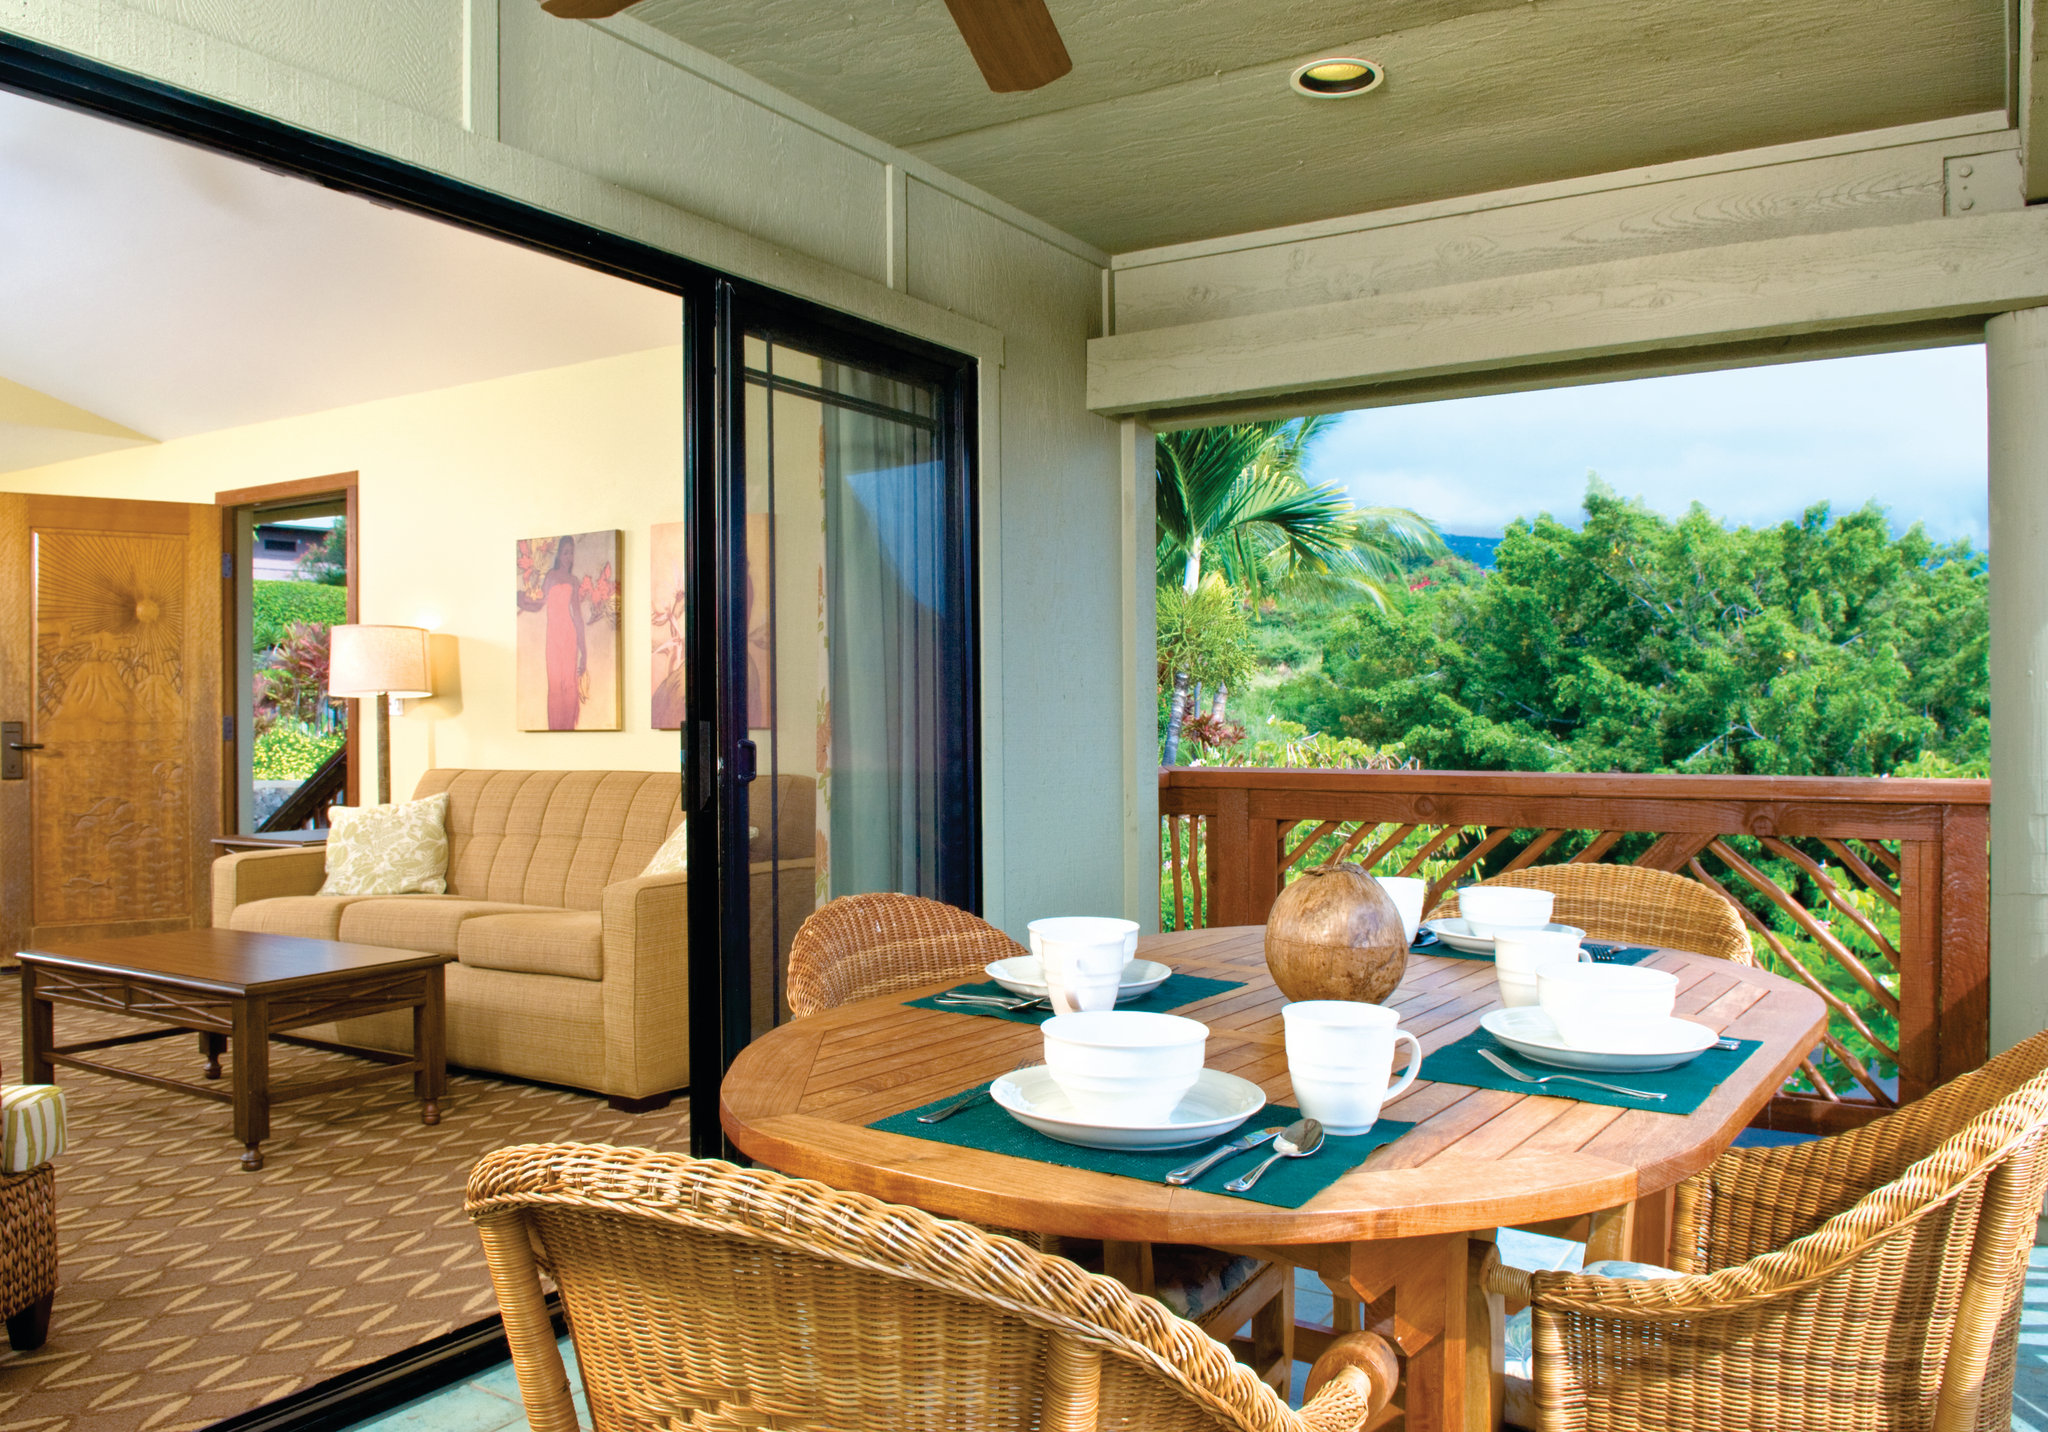 Royal kona resort, kailua